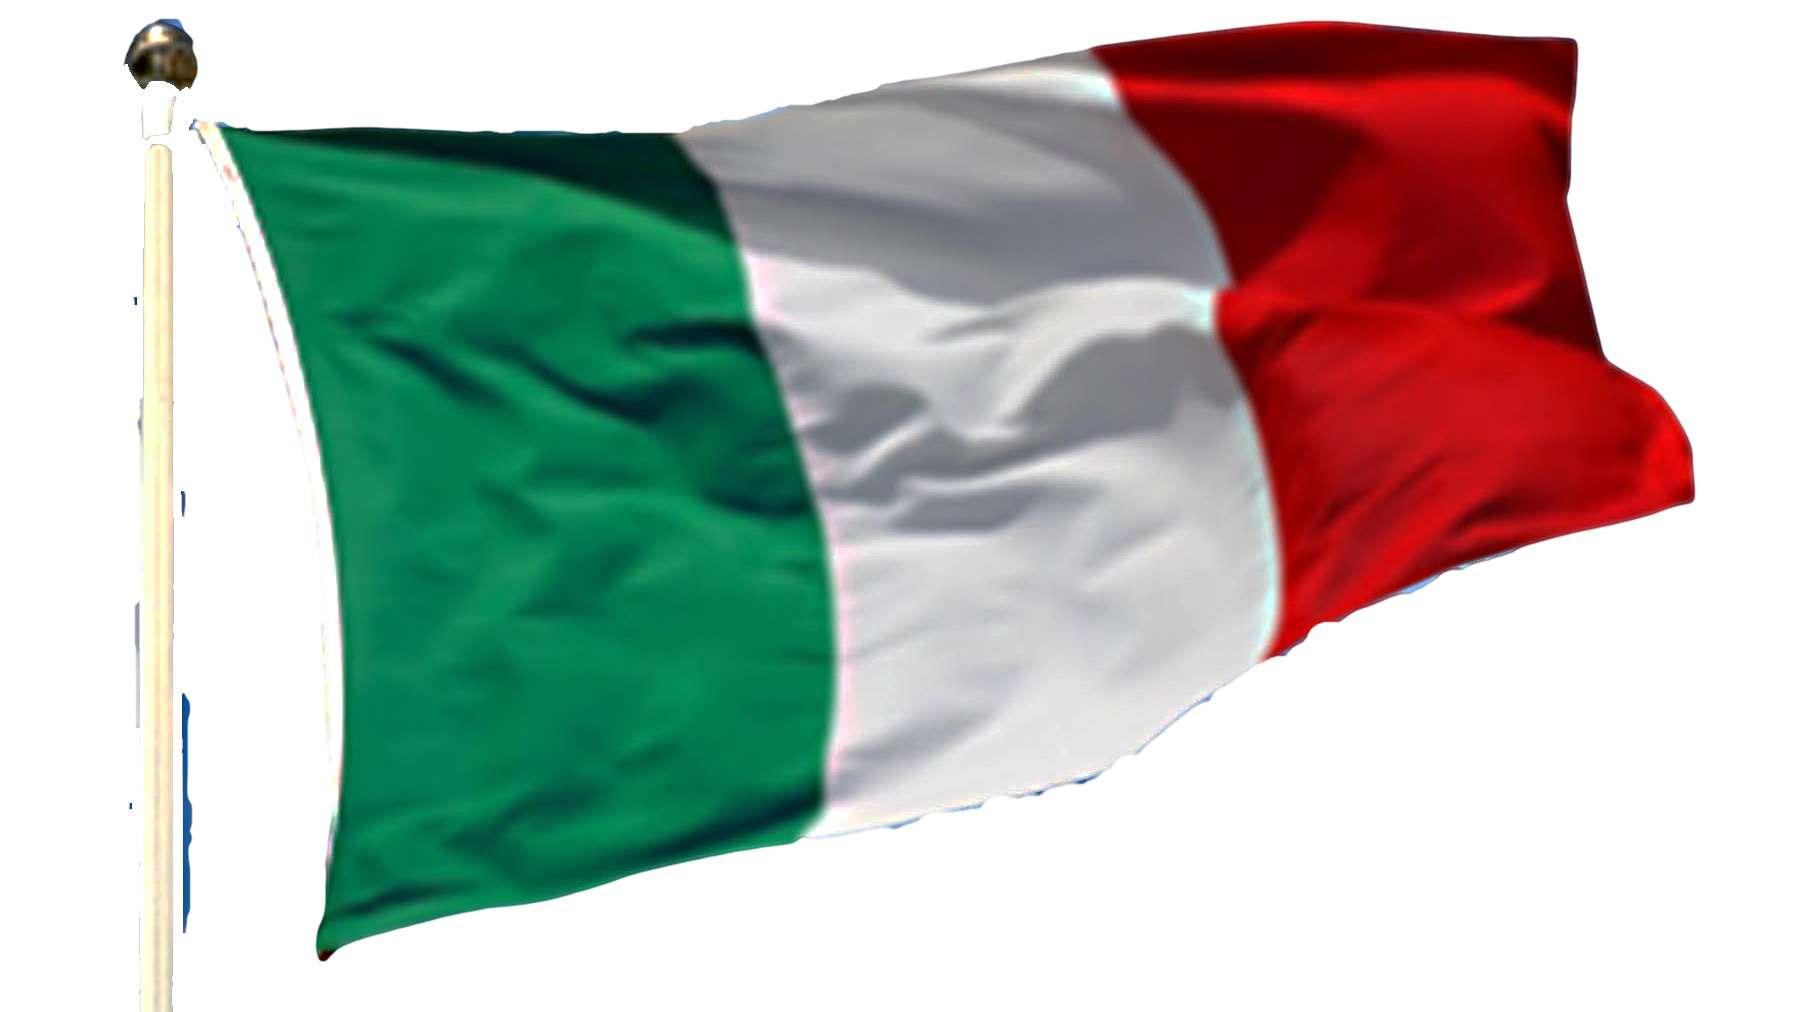 tricolore bandiera